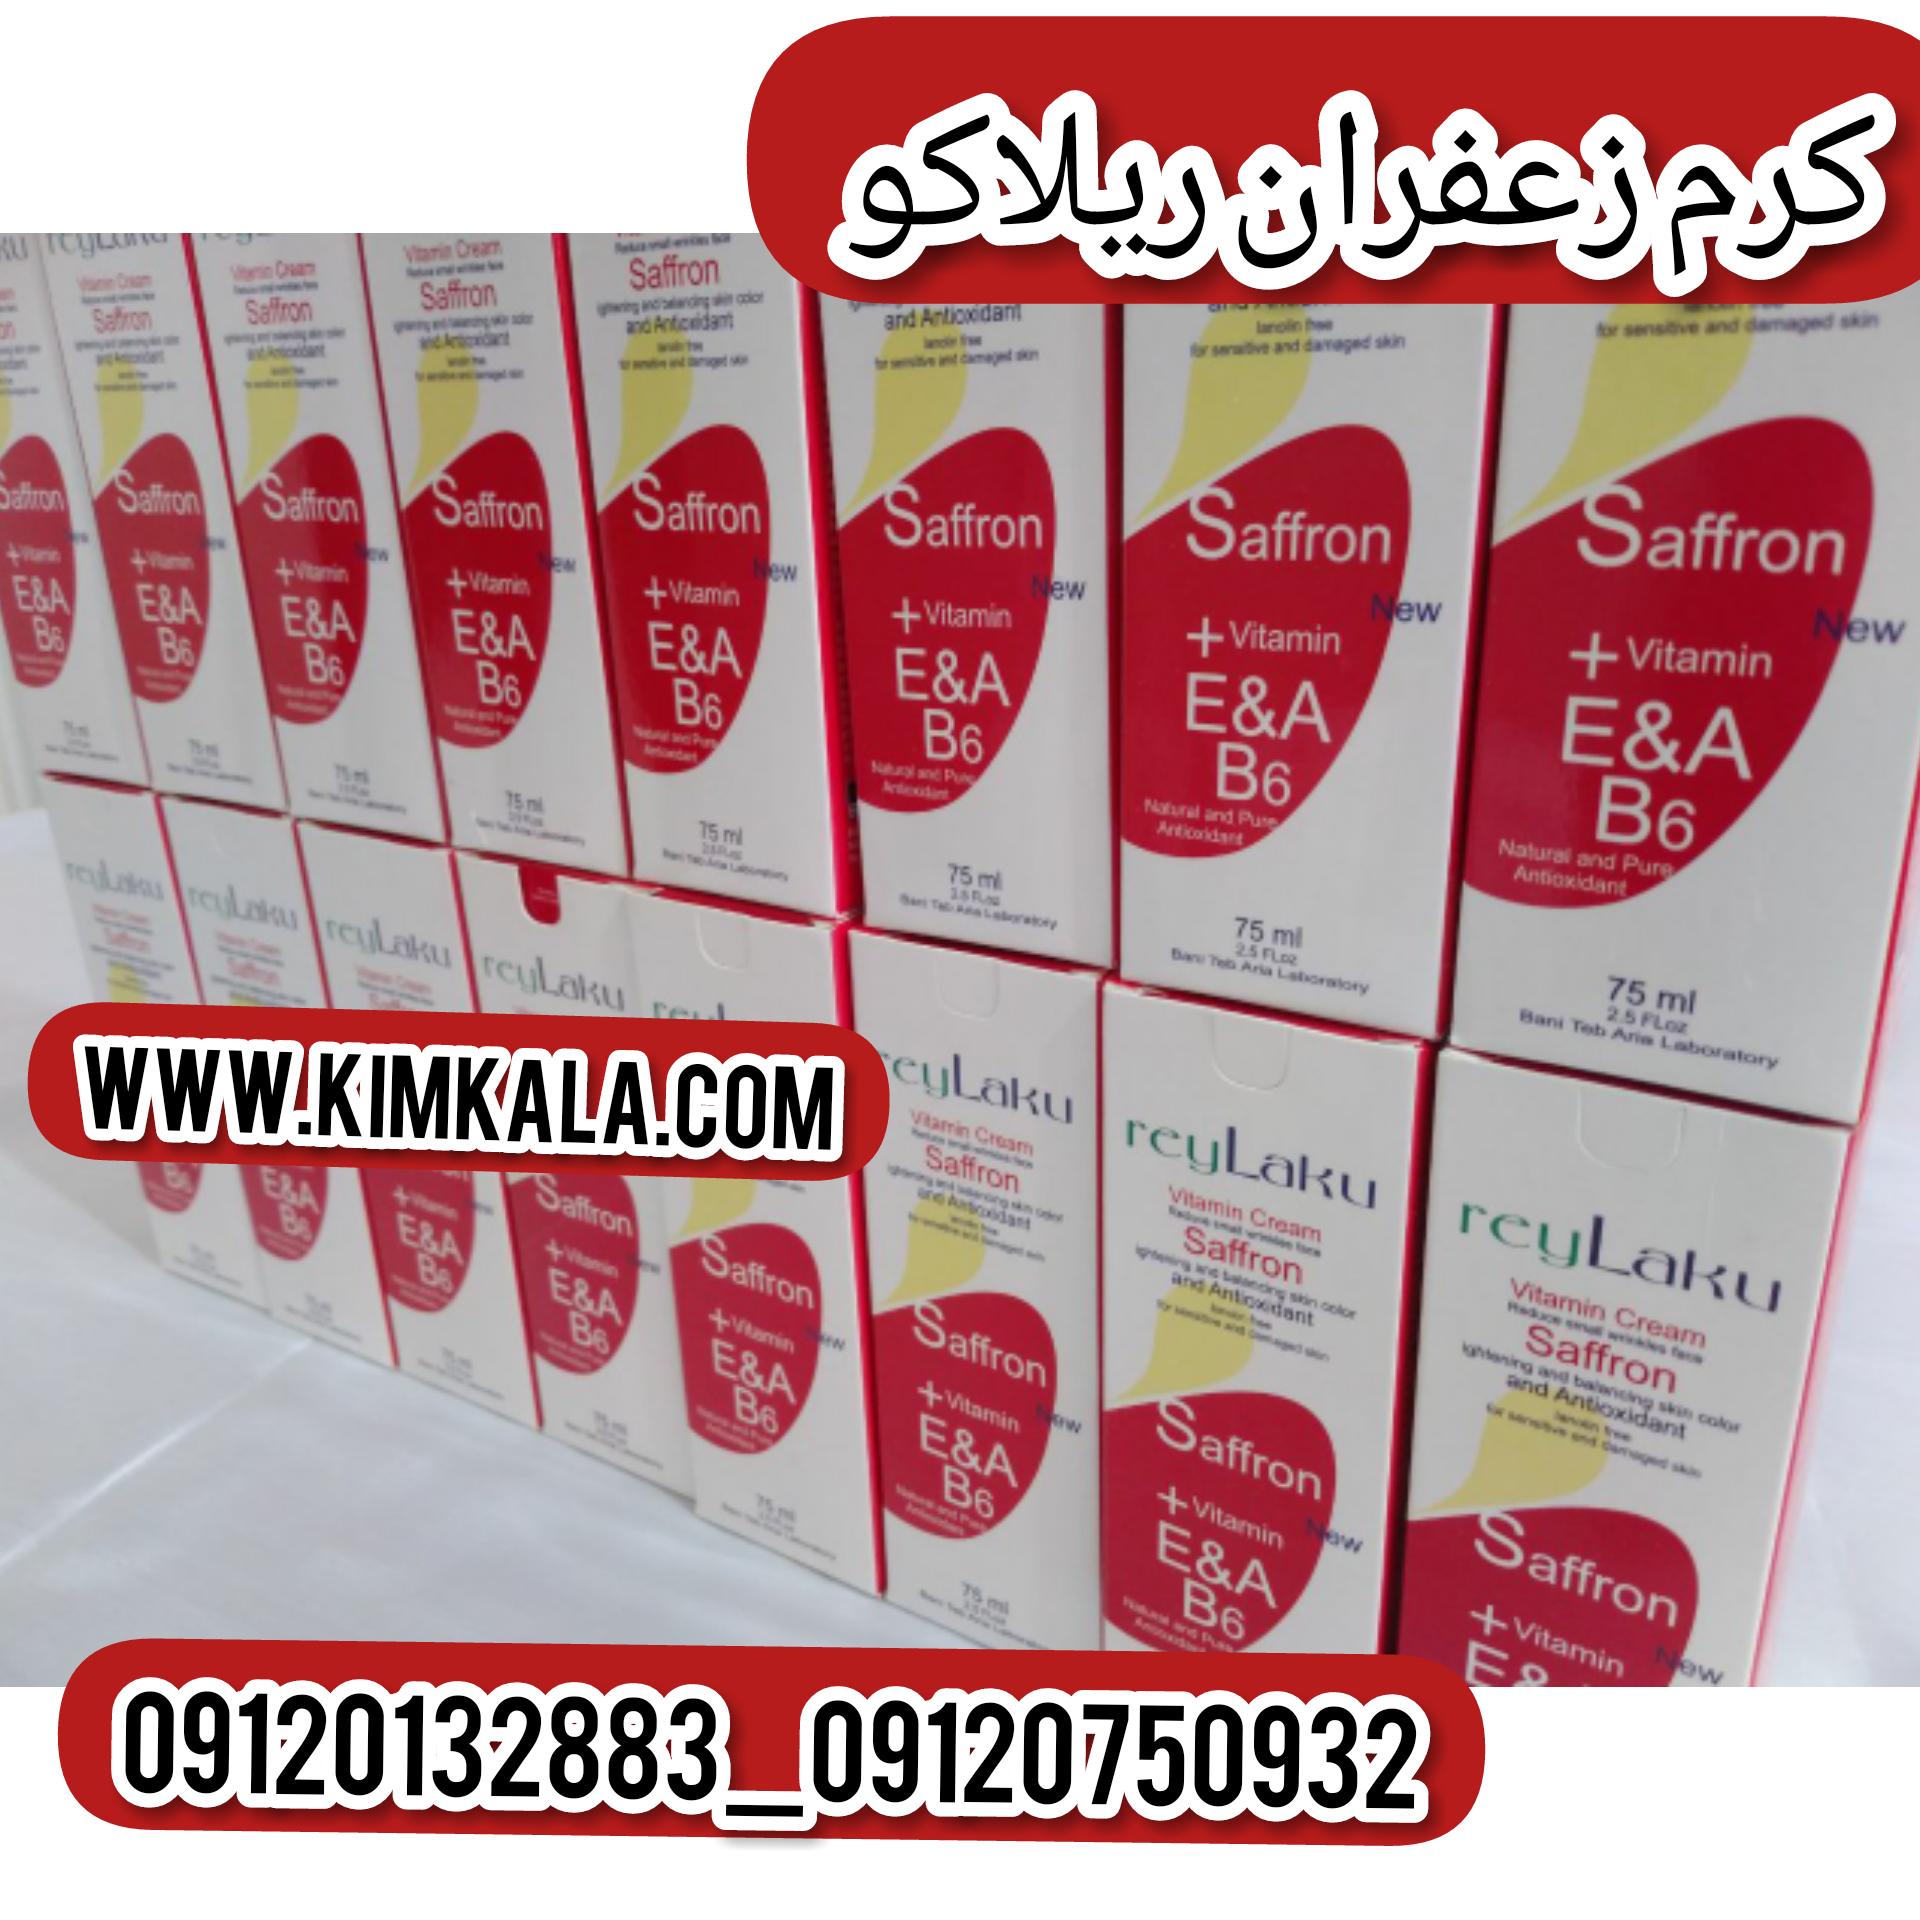 کرم زعفران ریلاکو۰۹۱۲۰۱۳۲۸۸۳/قیمت کرم زعفران/خواص کرم زعفران